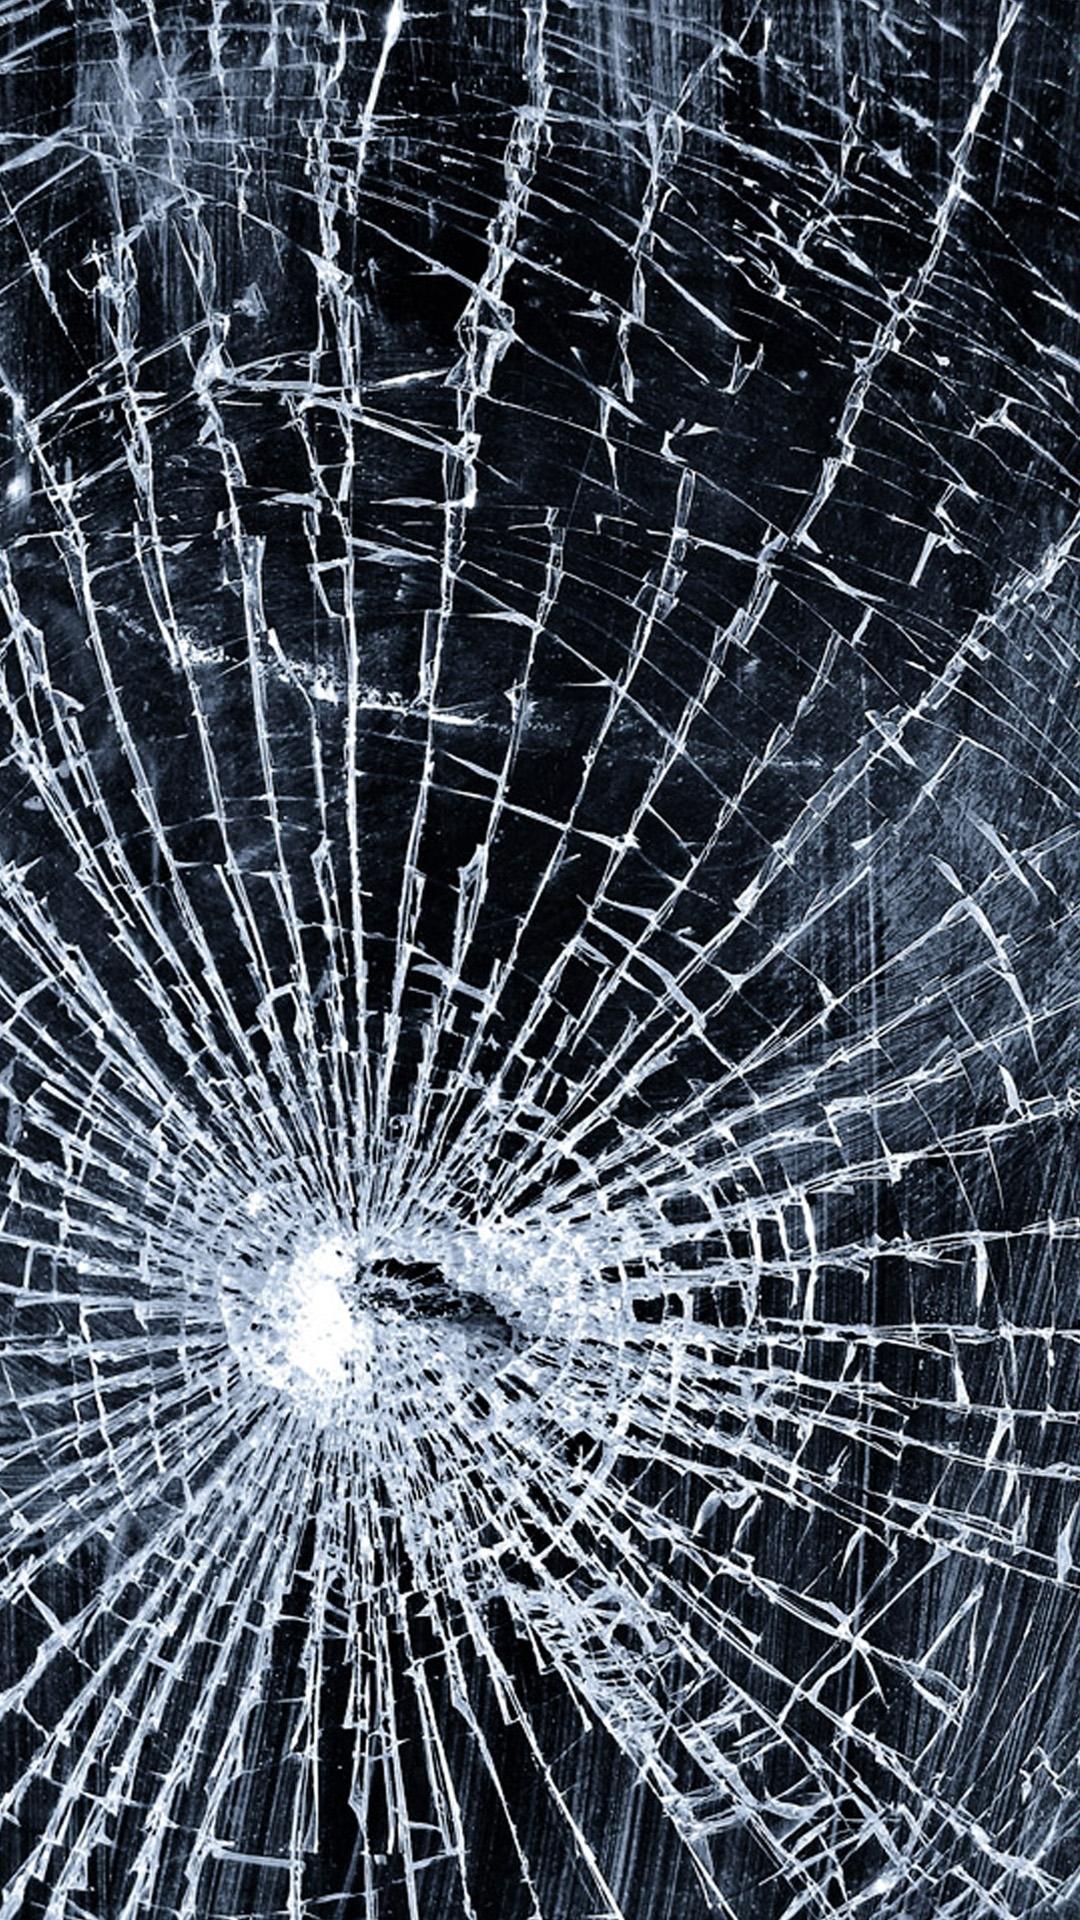 cracked screen wallpaper hd | wallpapers | pinterest | screen